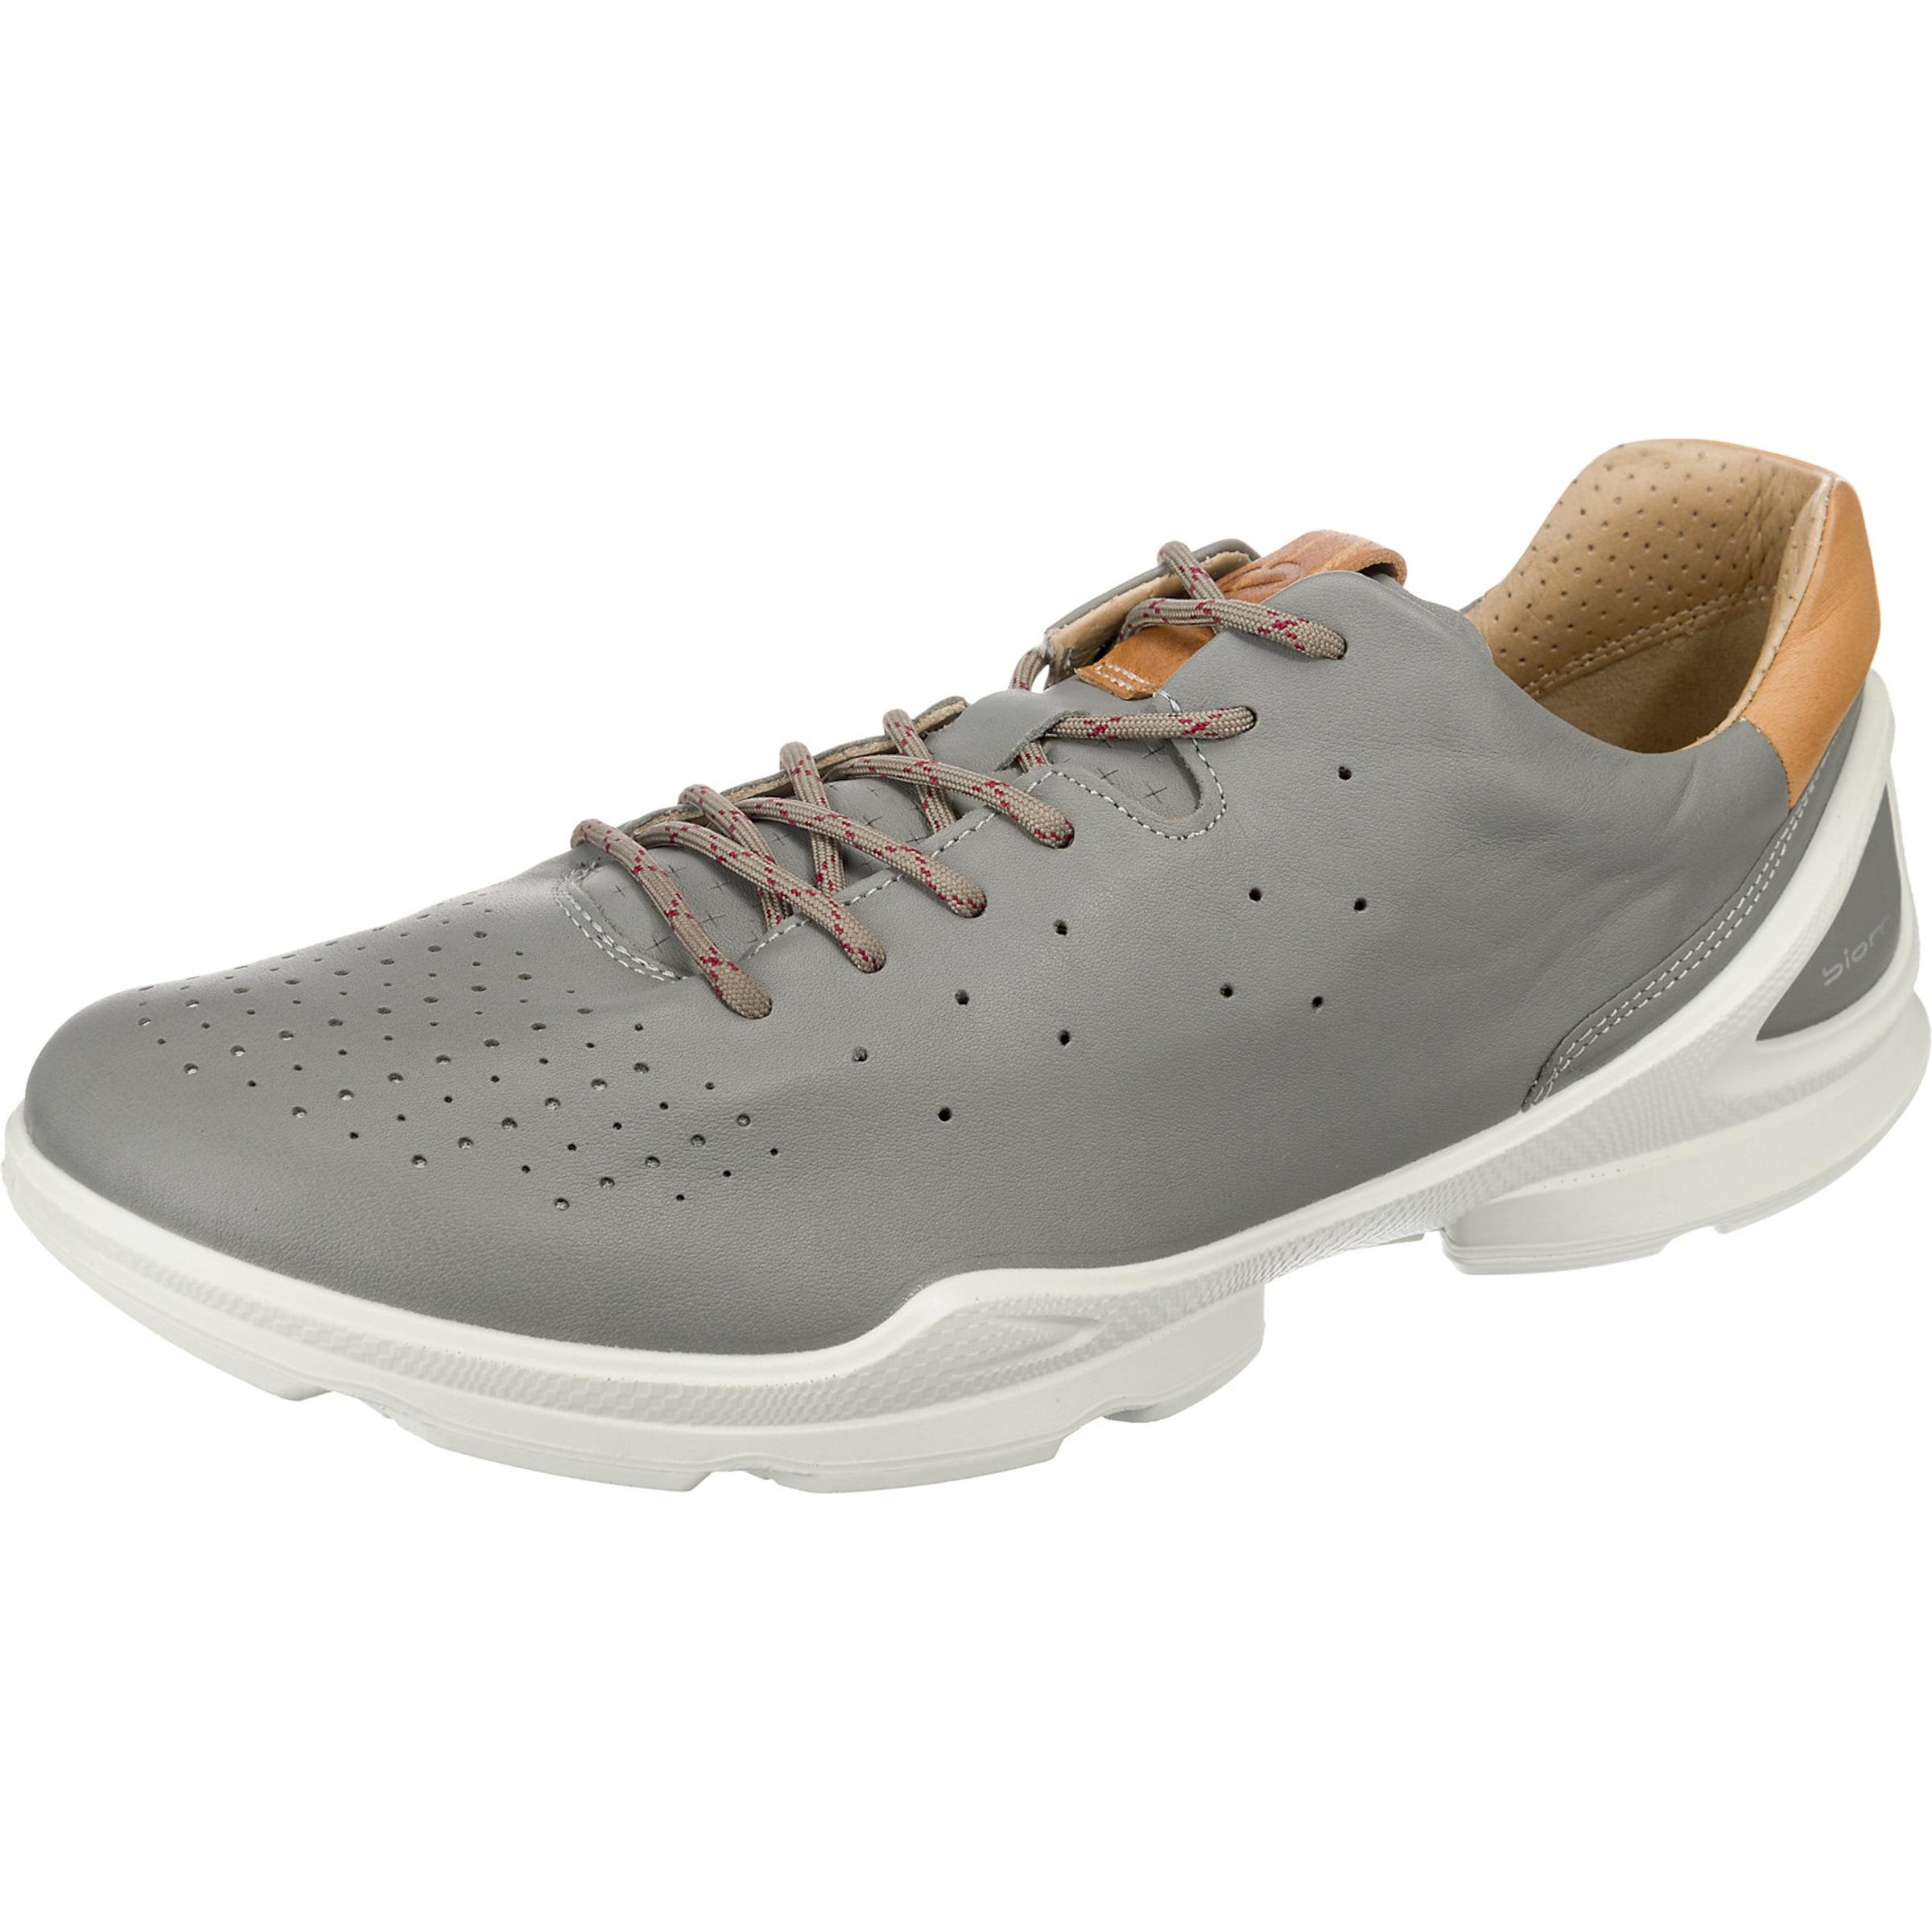 ECCO | Sneakers Sneakers |  Biom Street 7b2915